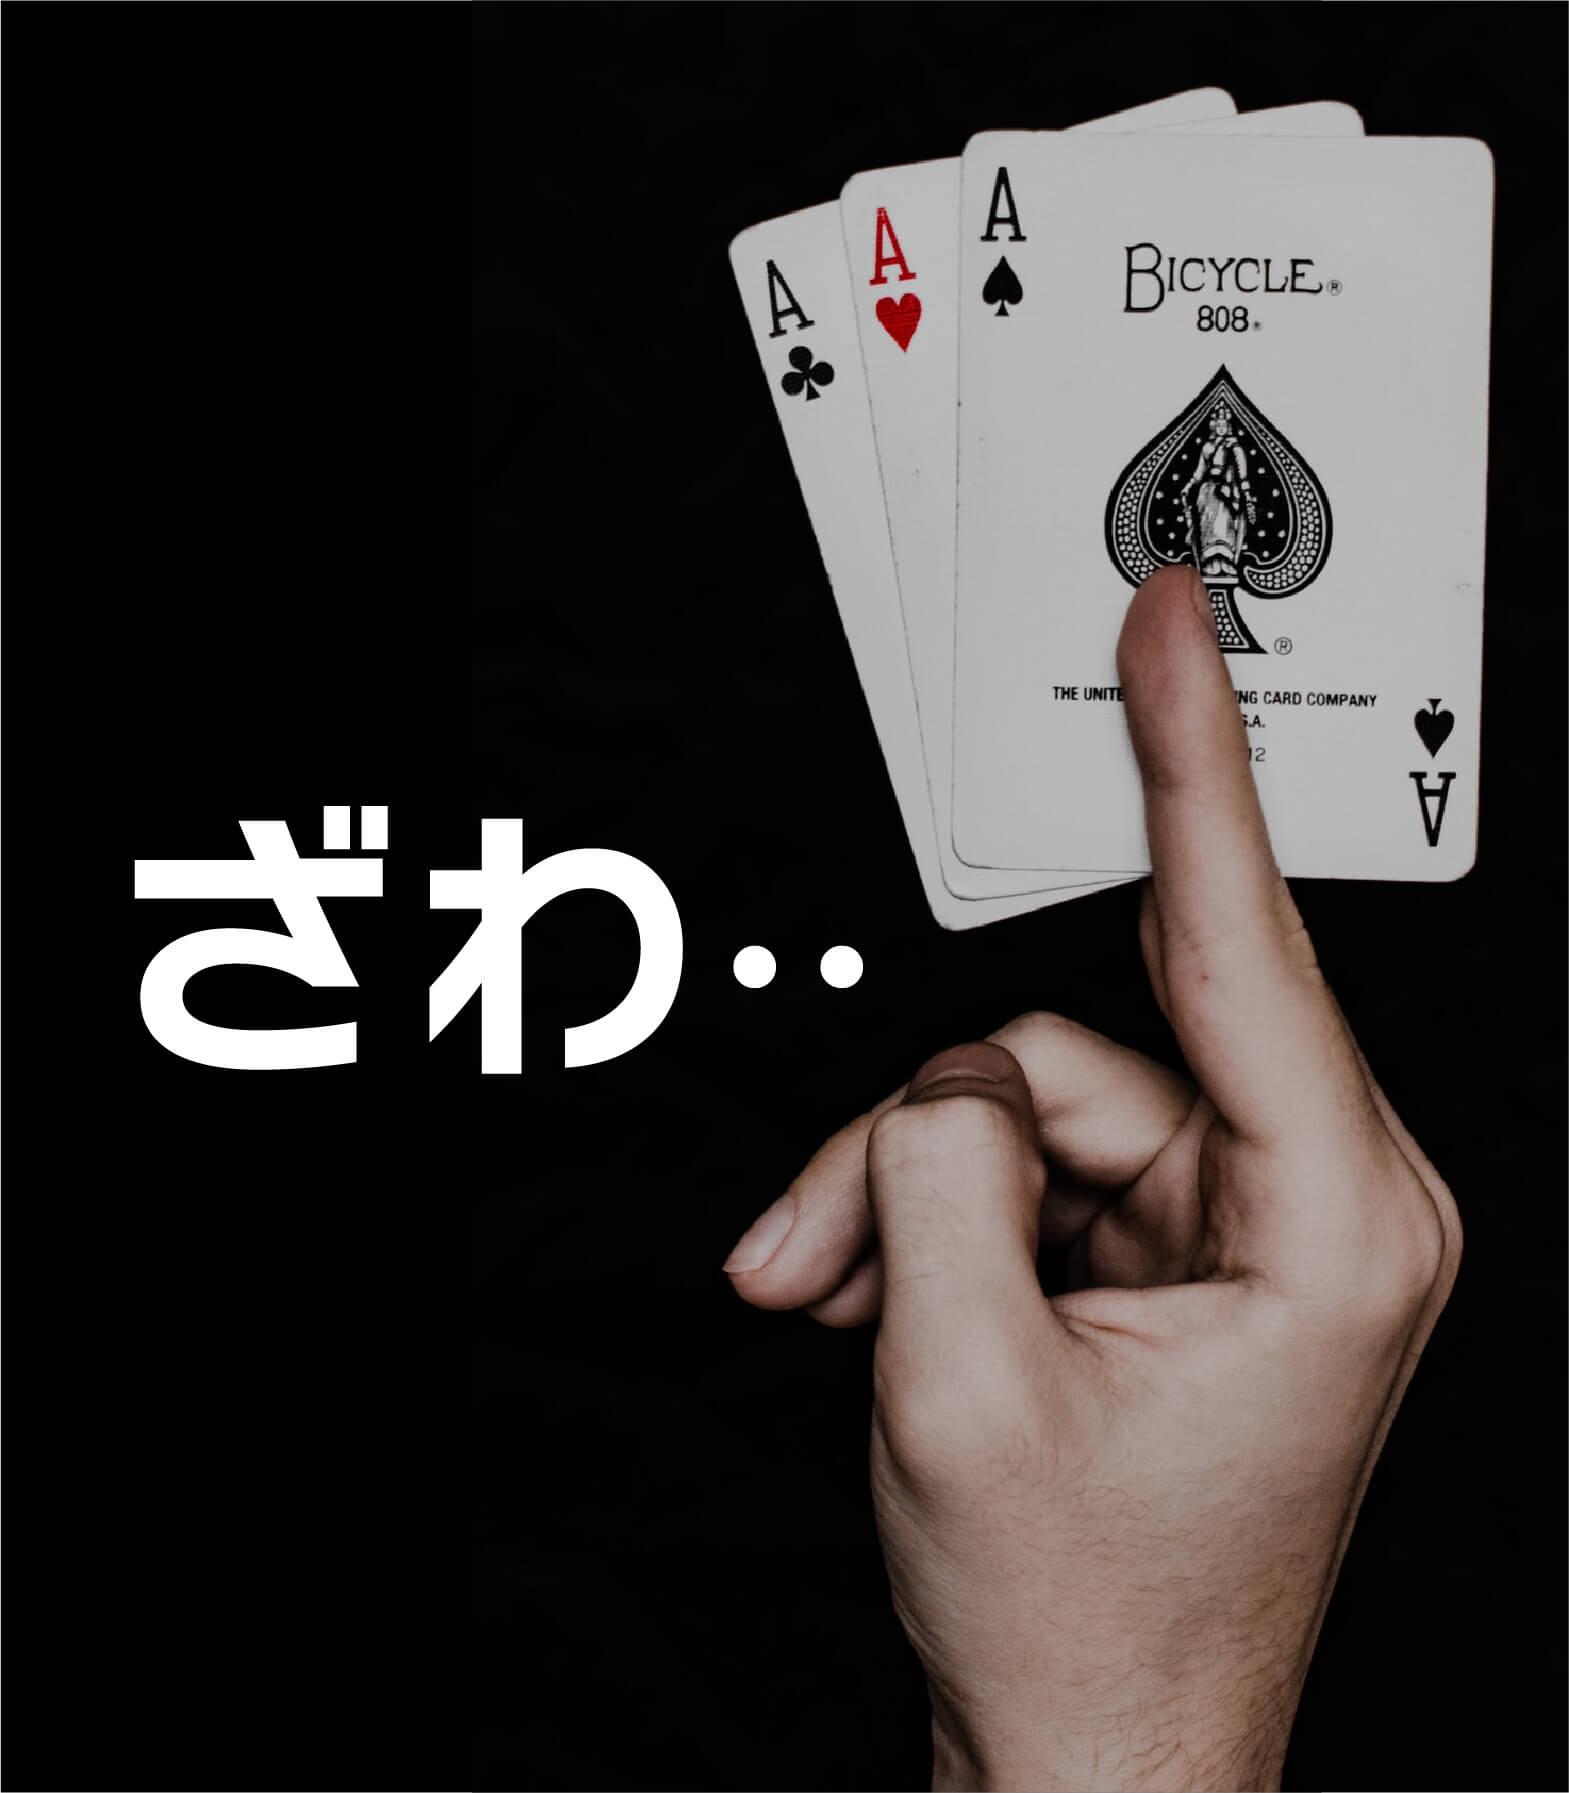 【選択せよ】仕事に飽きたあなたは3つのカードを選べる